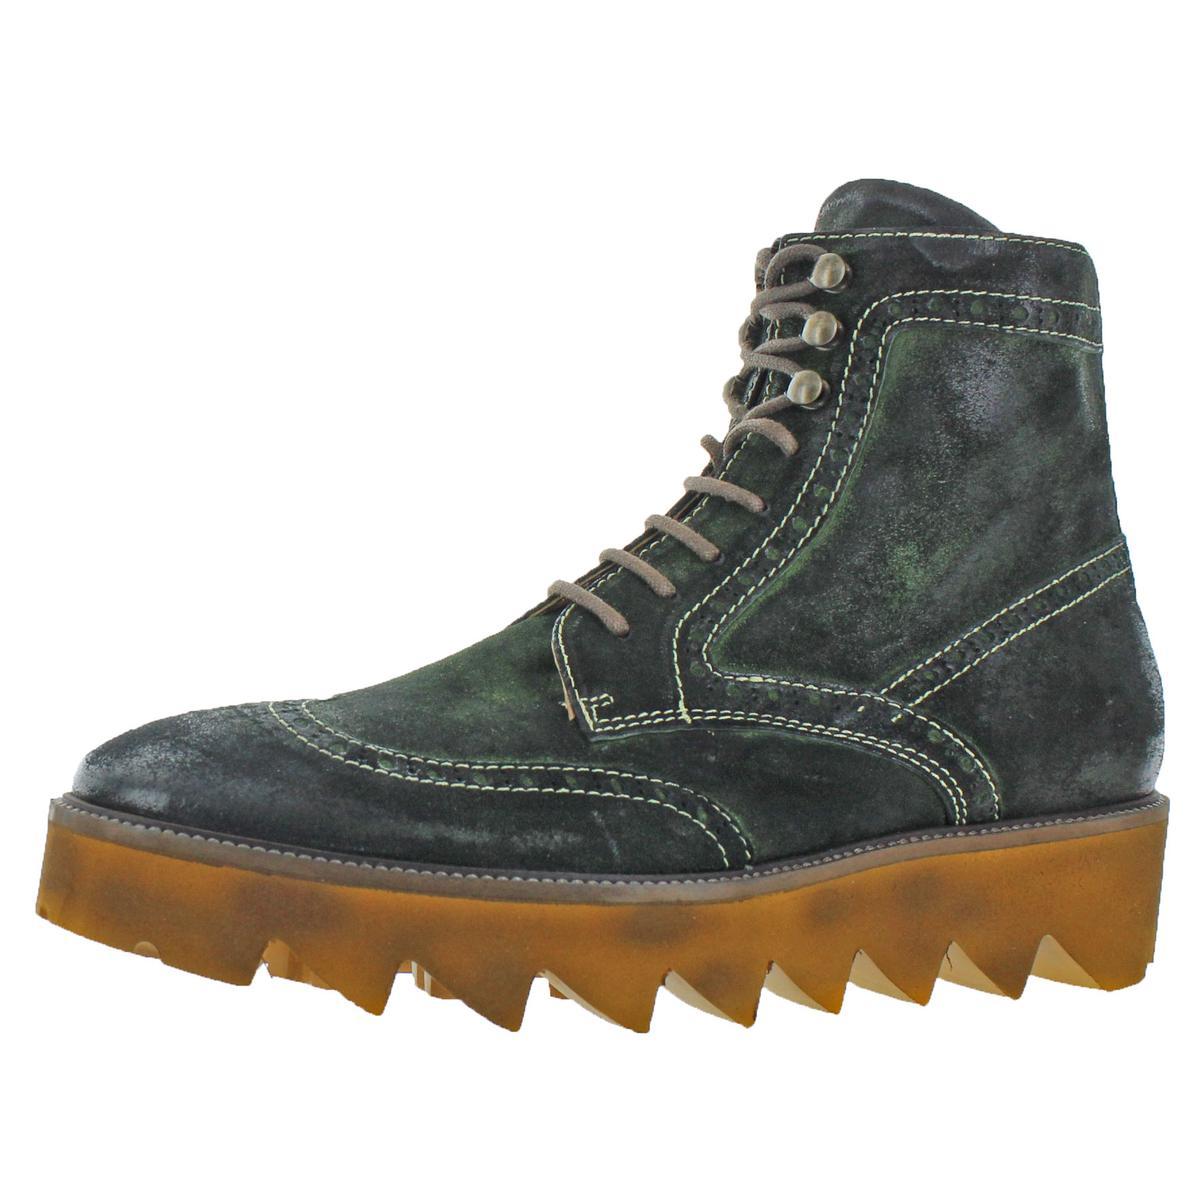 Zapatos De Vestir Donald J. Pliner Mens Myle Cepillado De Ante Con Cordones botas BHFO 0695